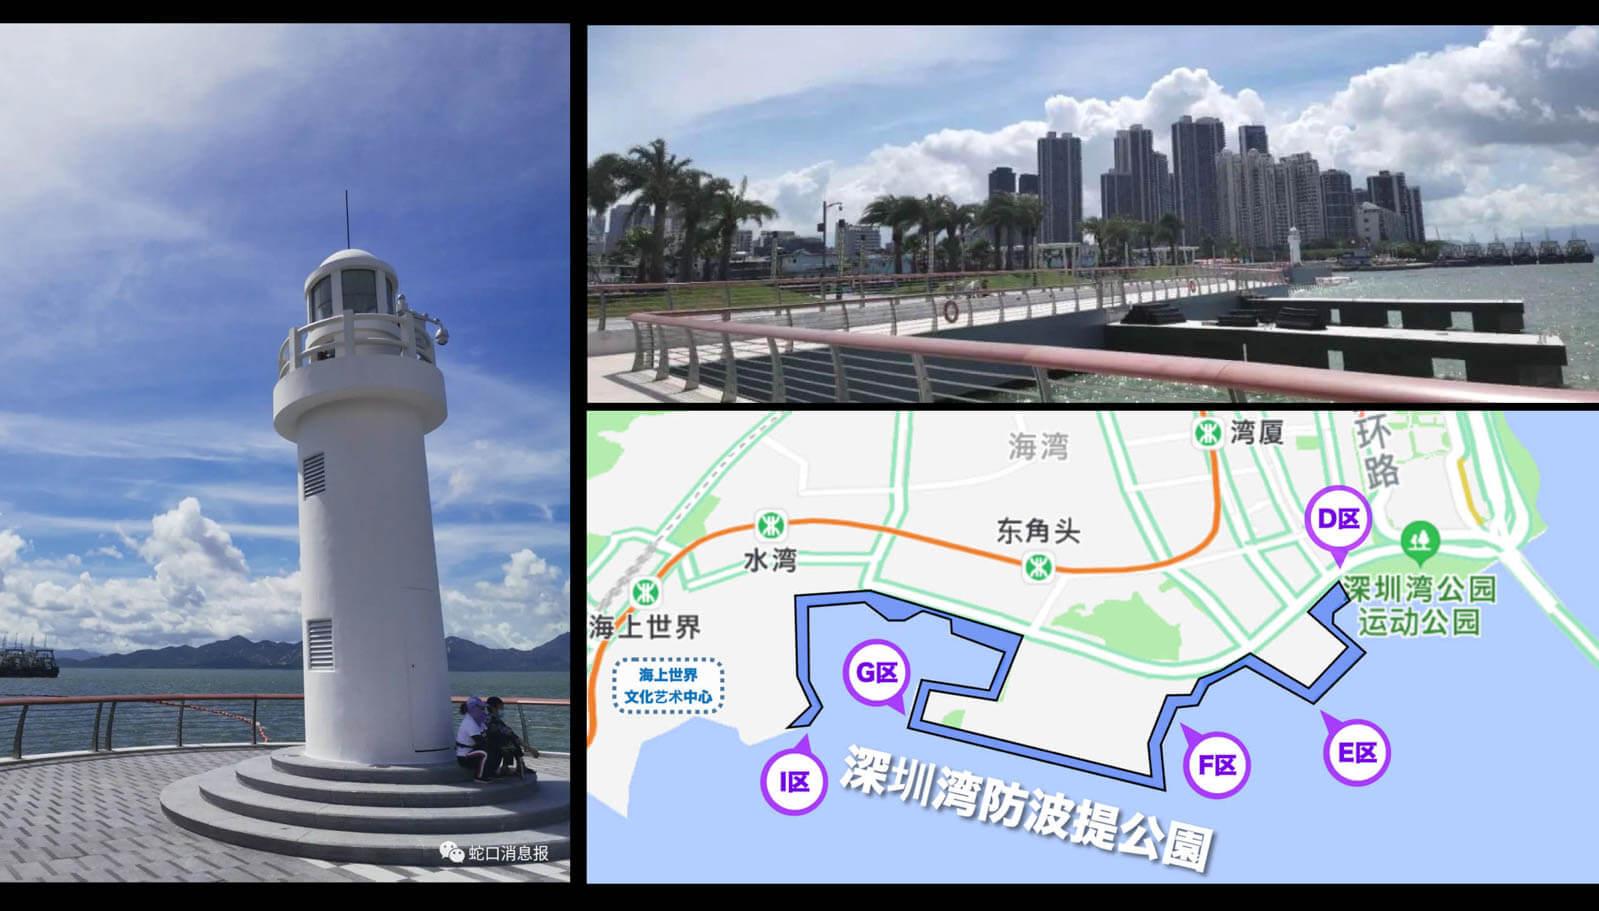 蛇口エリアの新たなランドマーク「深圳湾防波堤公園」オープン!